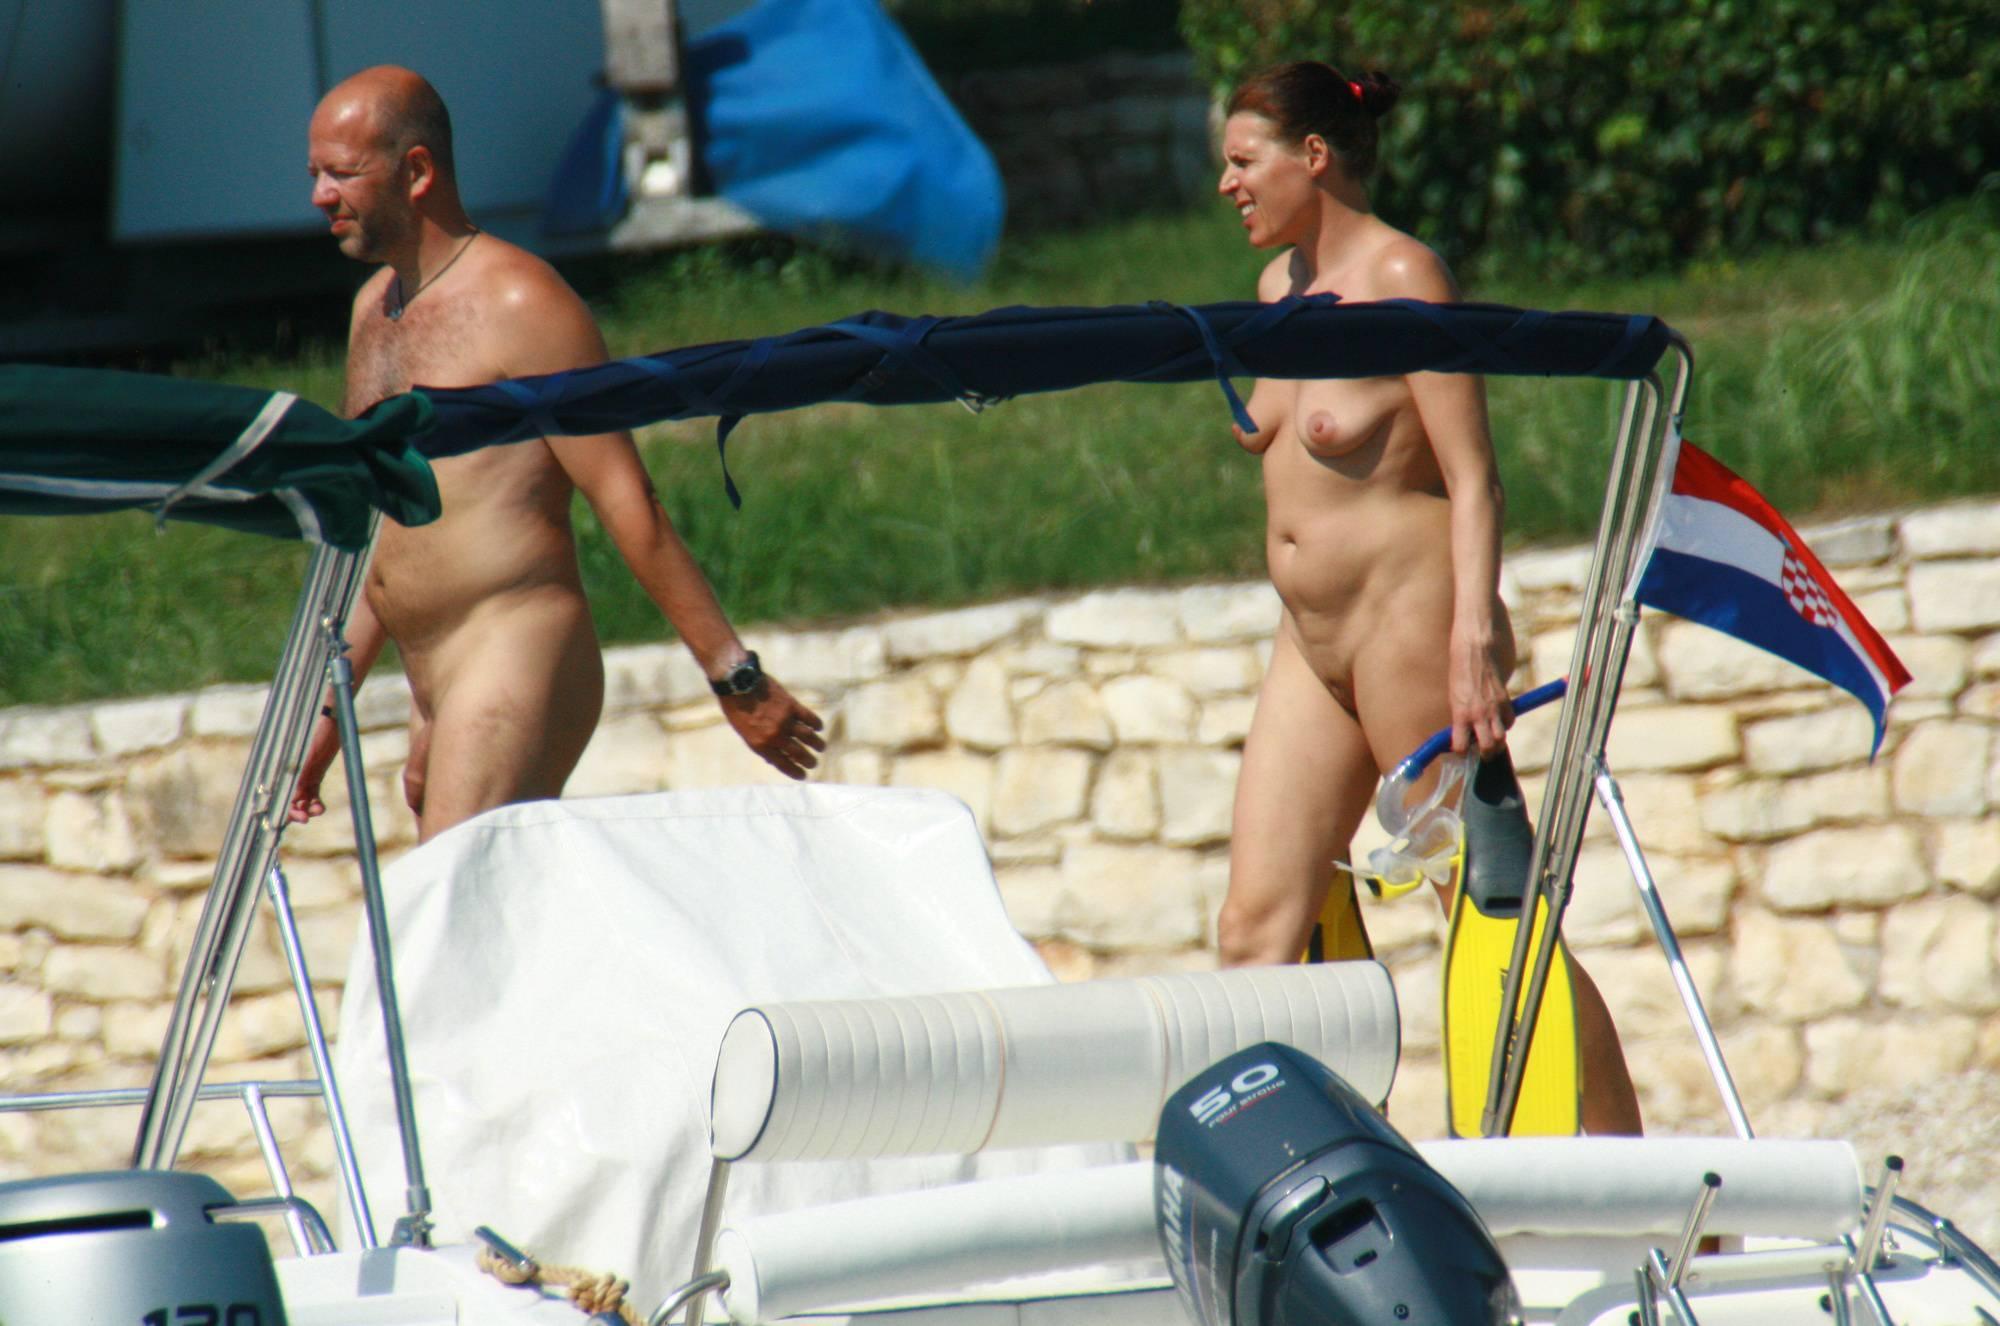 Nudist Gallery Naturist Family Scuba Dive - 2